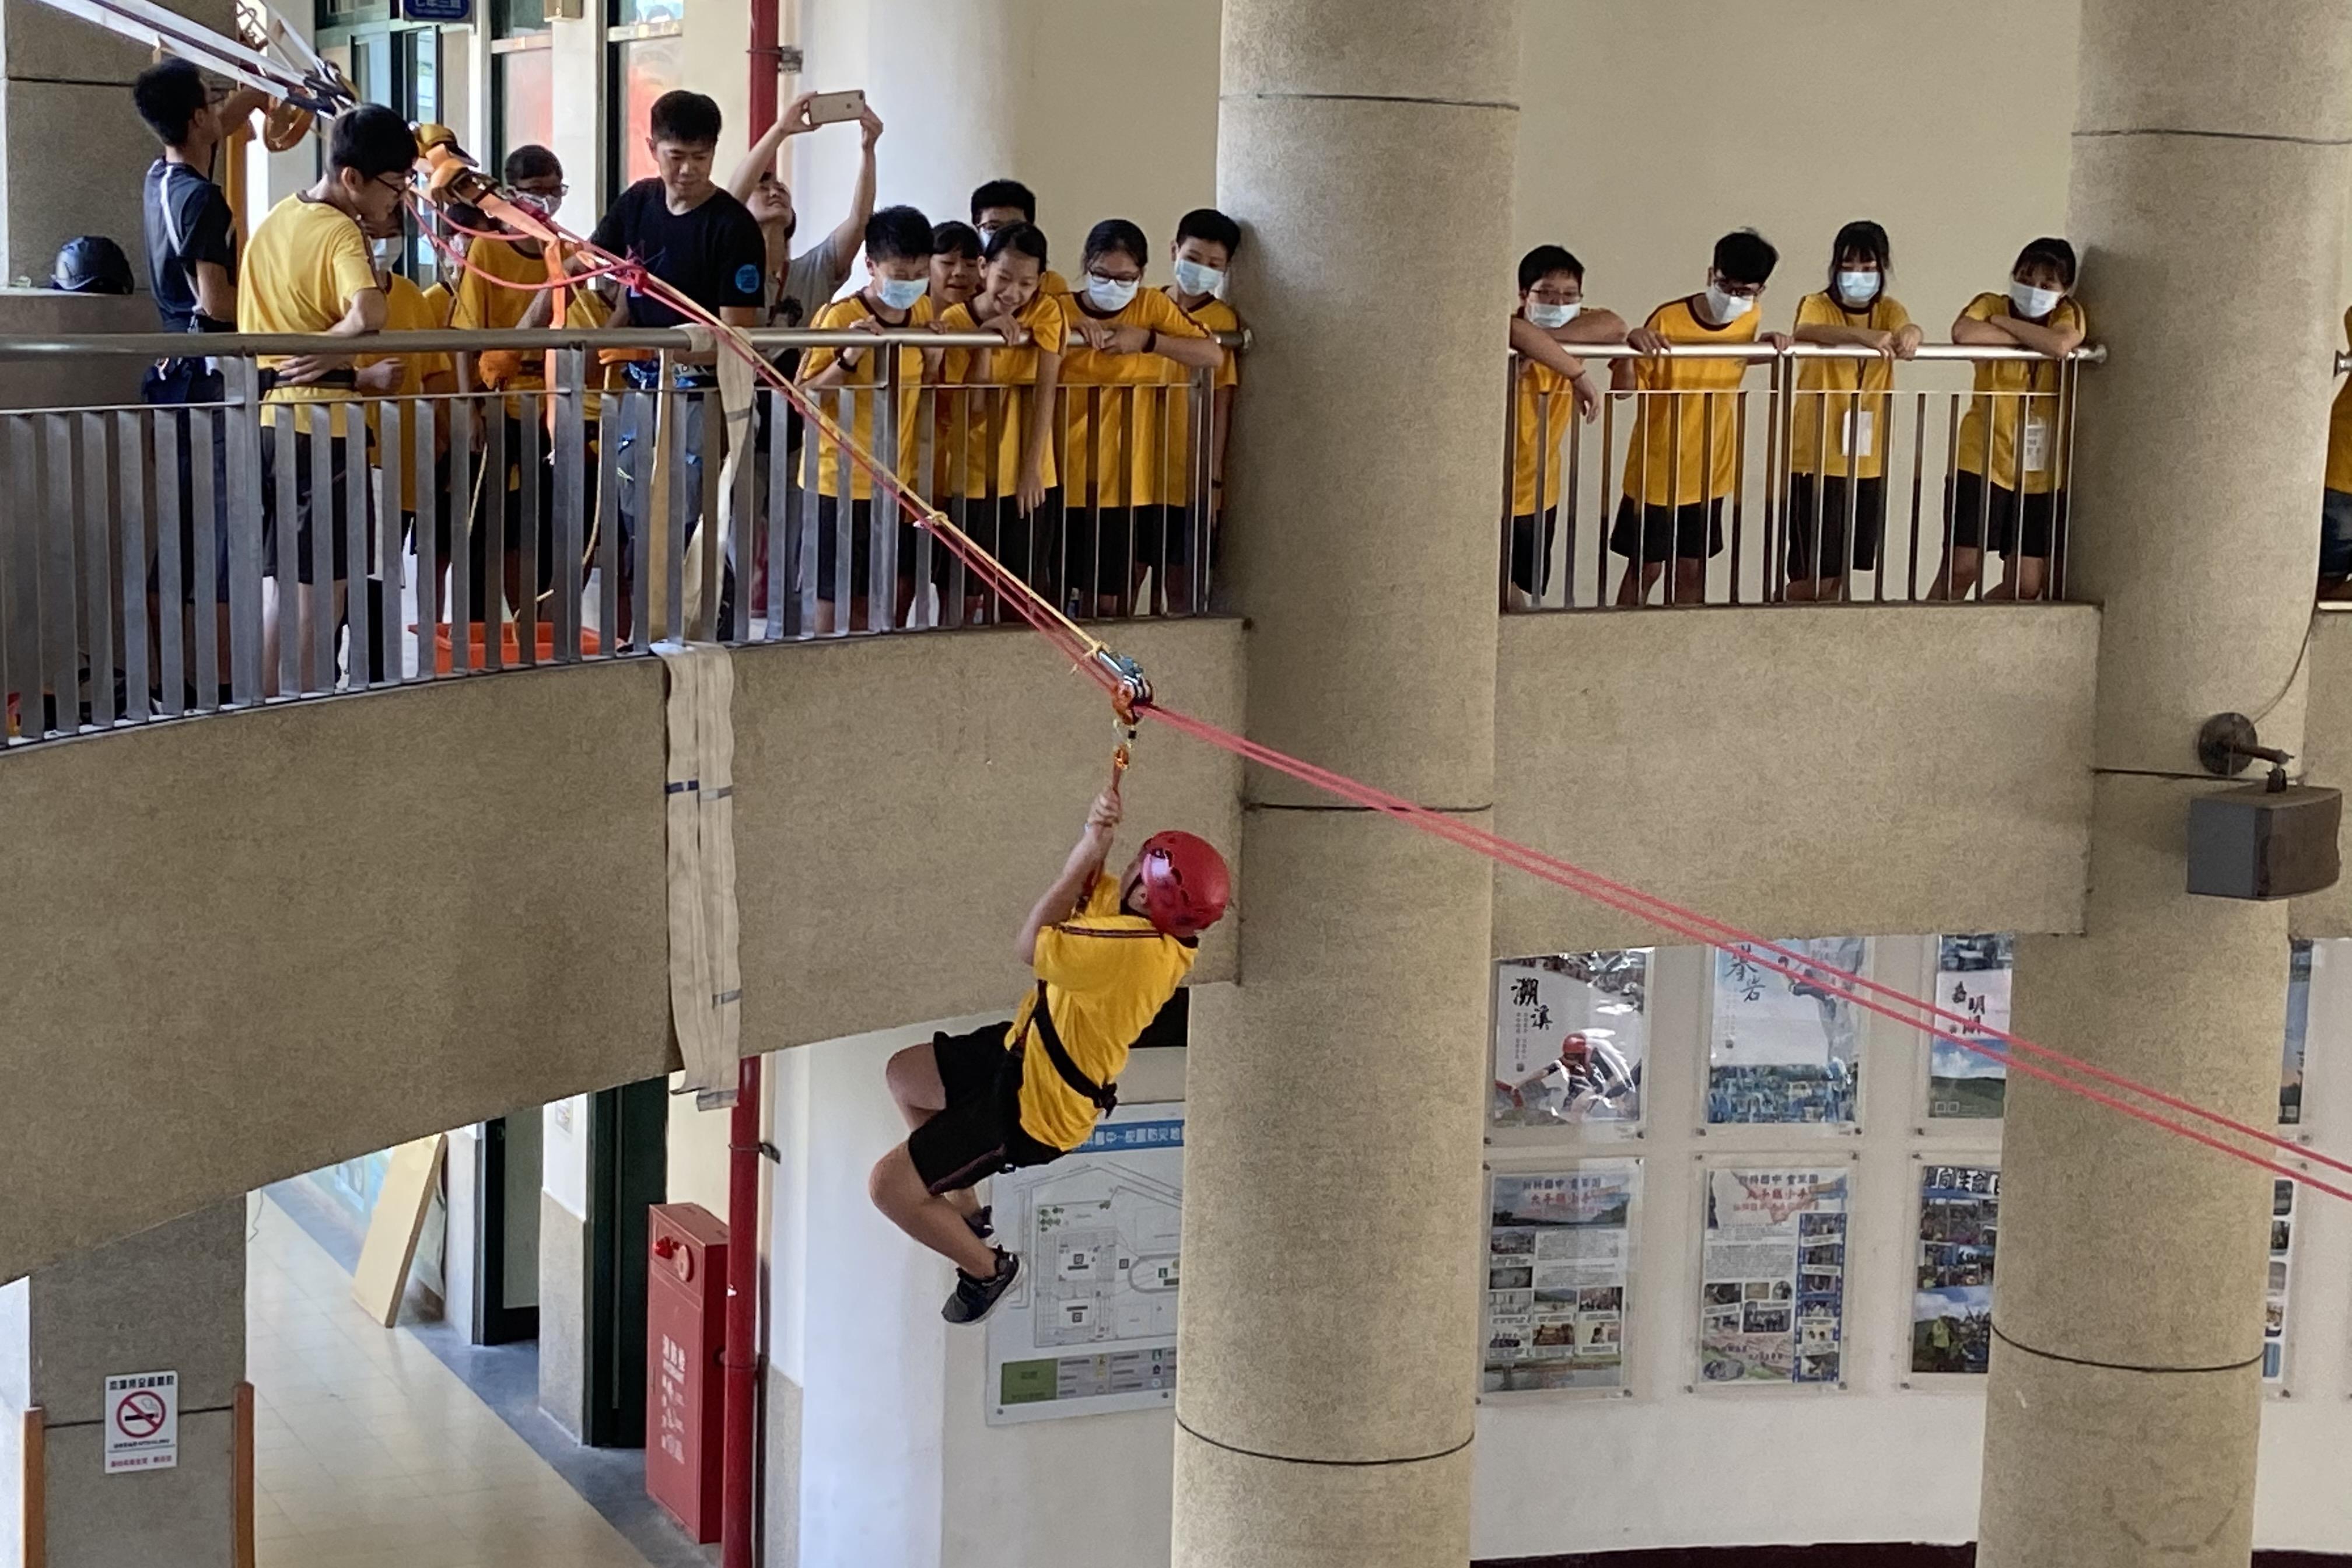 新科國中新生訓練 通過攀岩、走繩及滑降培養新科勇士活動照片i